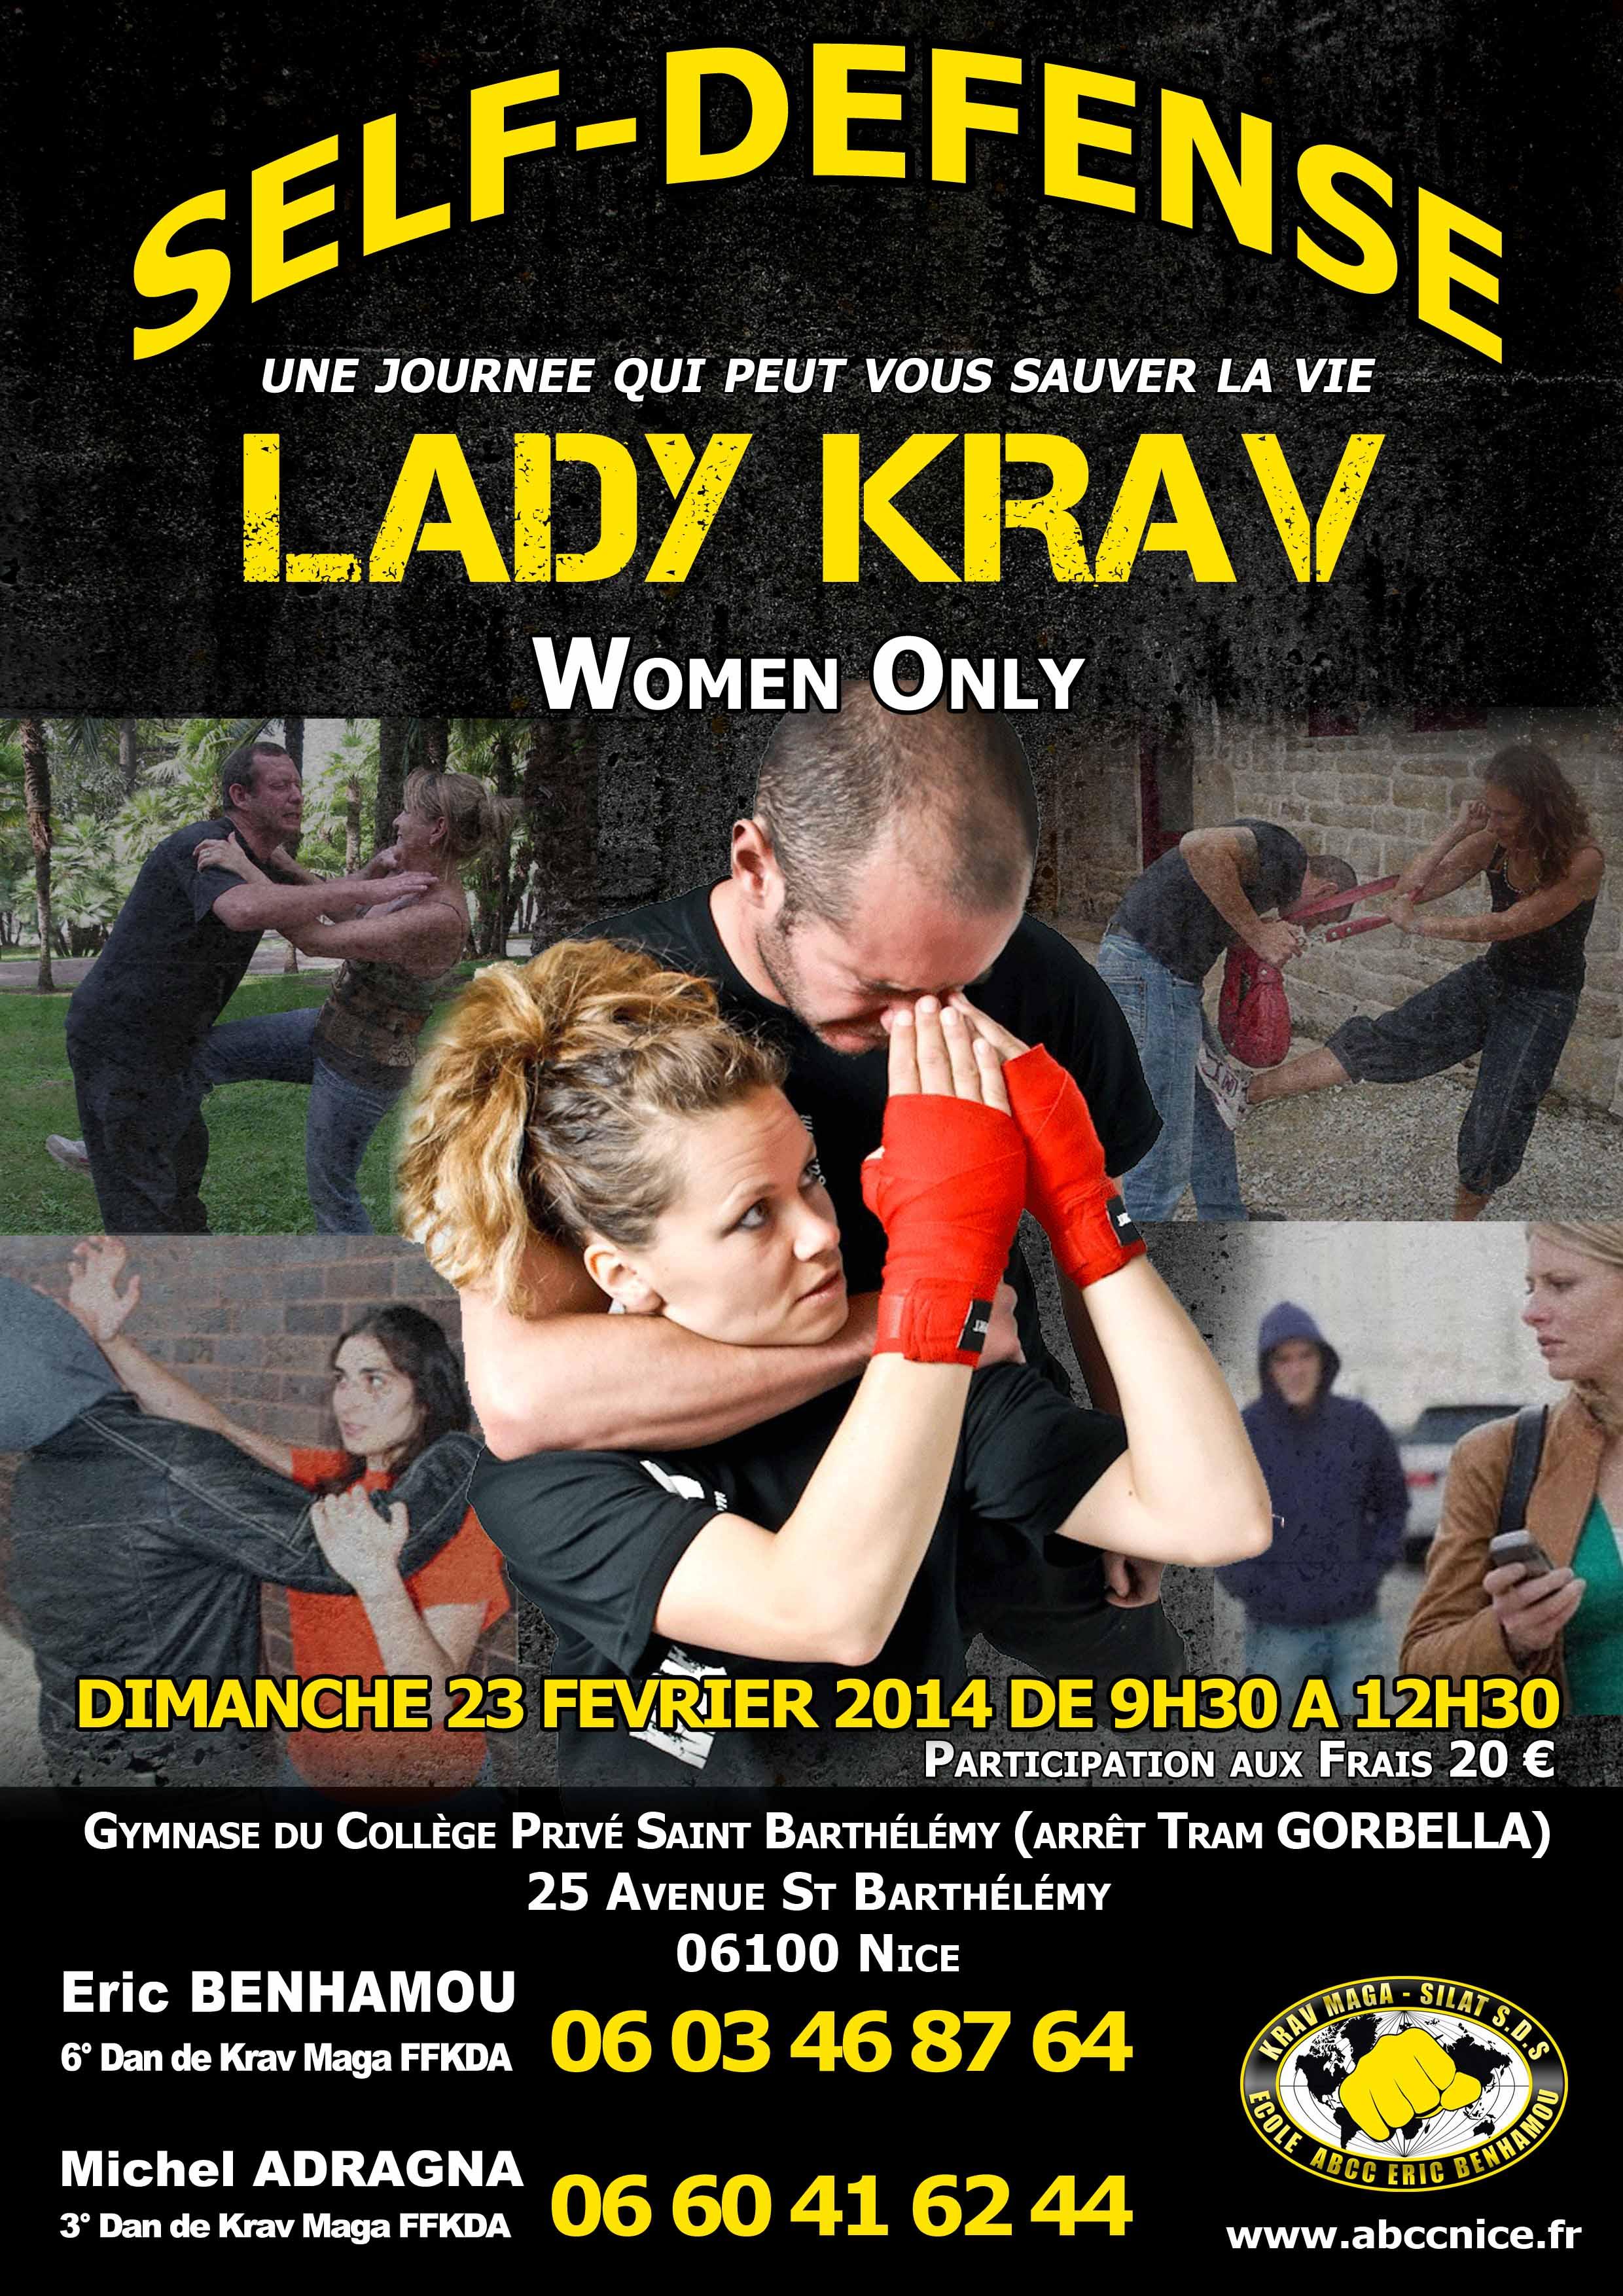 lady krav fevrier2014